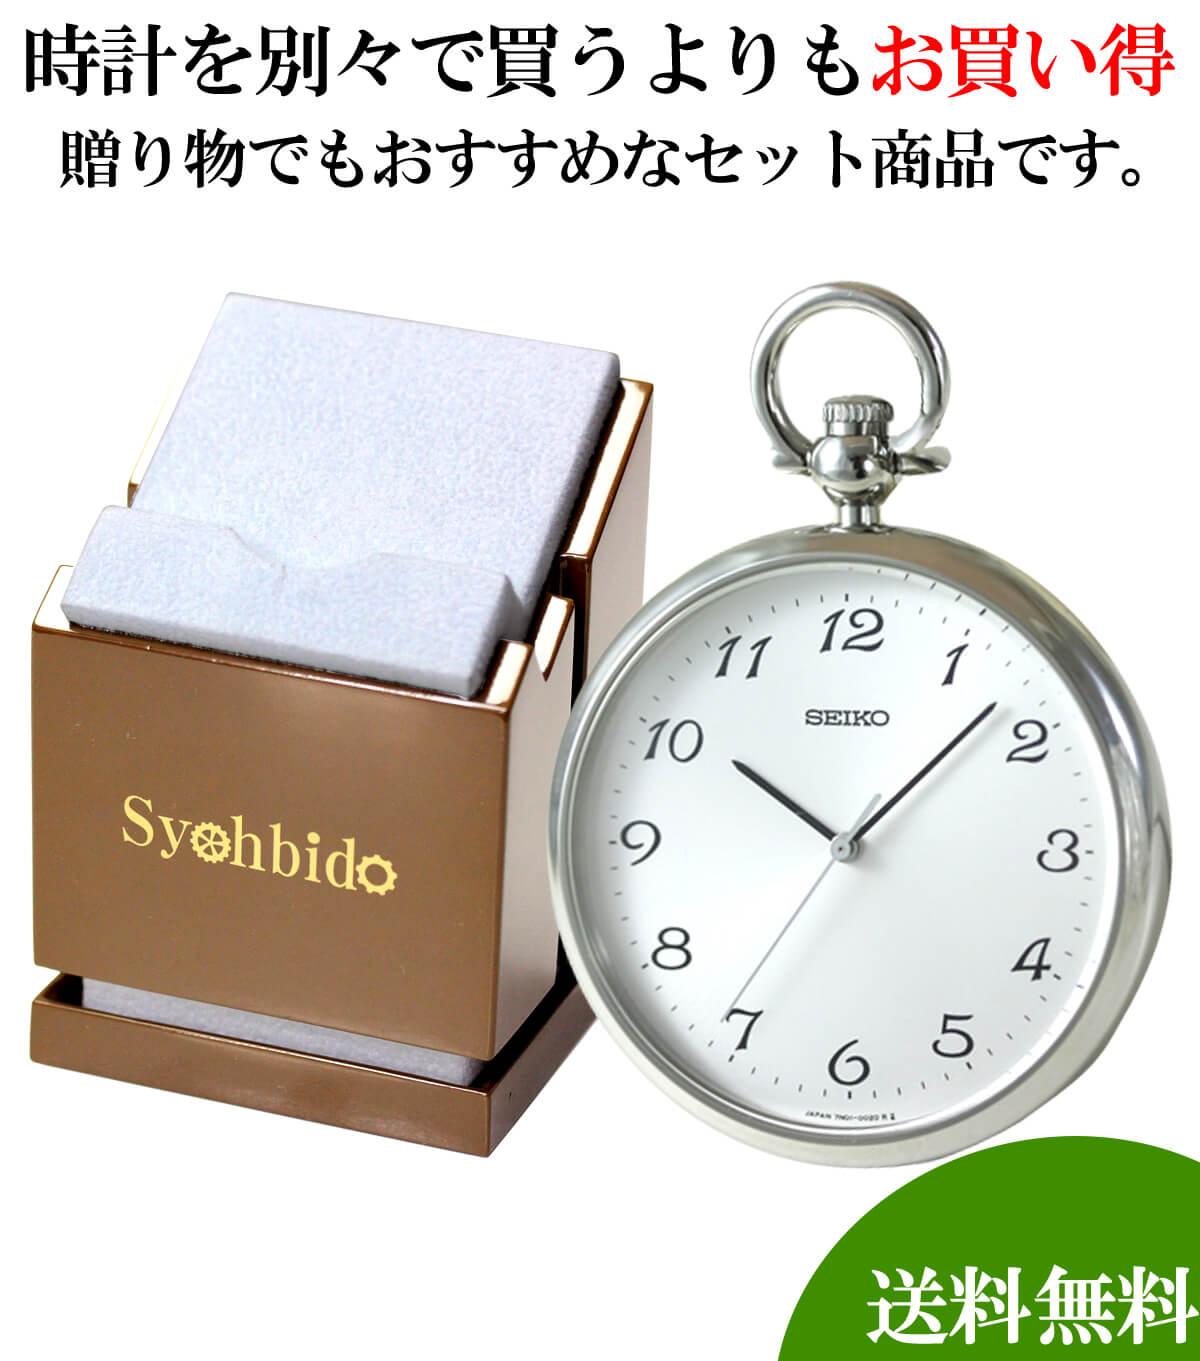 懐中時計と懐中時計専用スタンドのセット sapb003